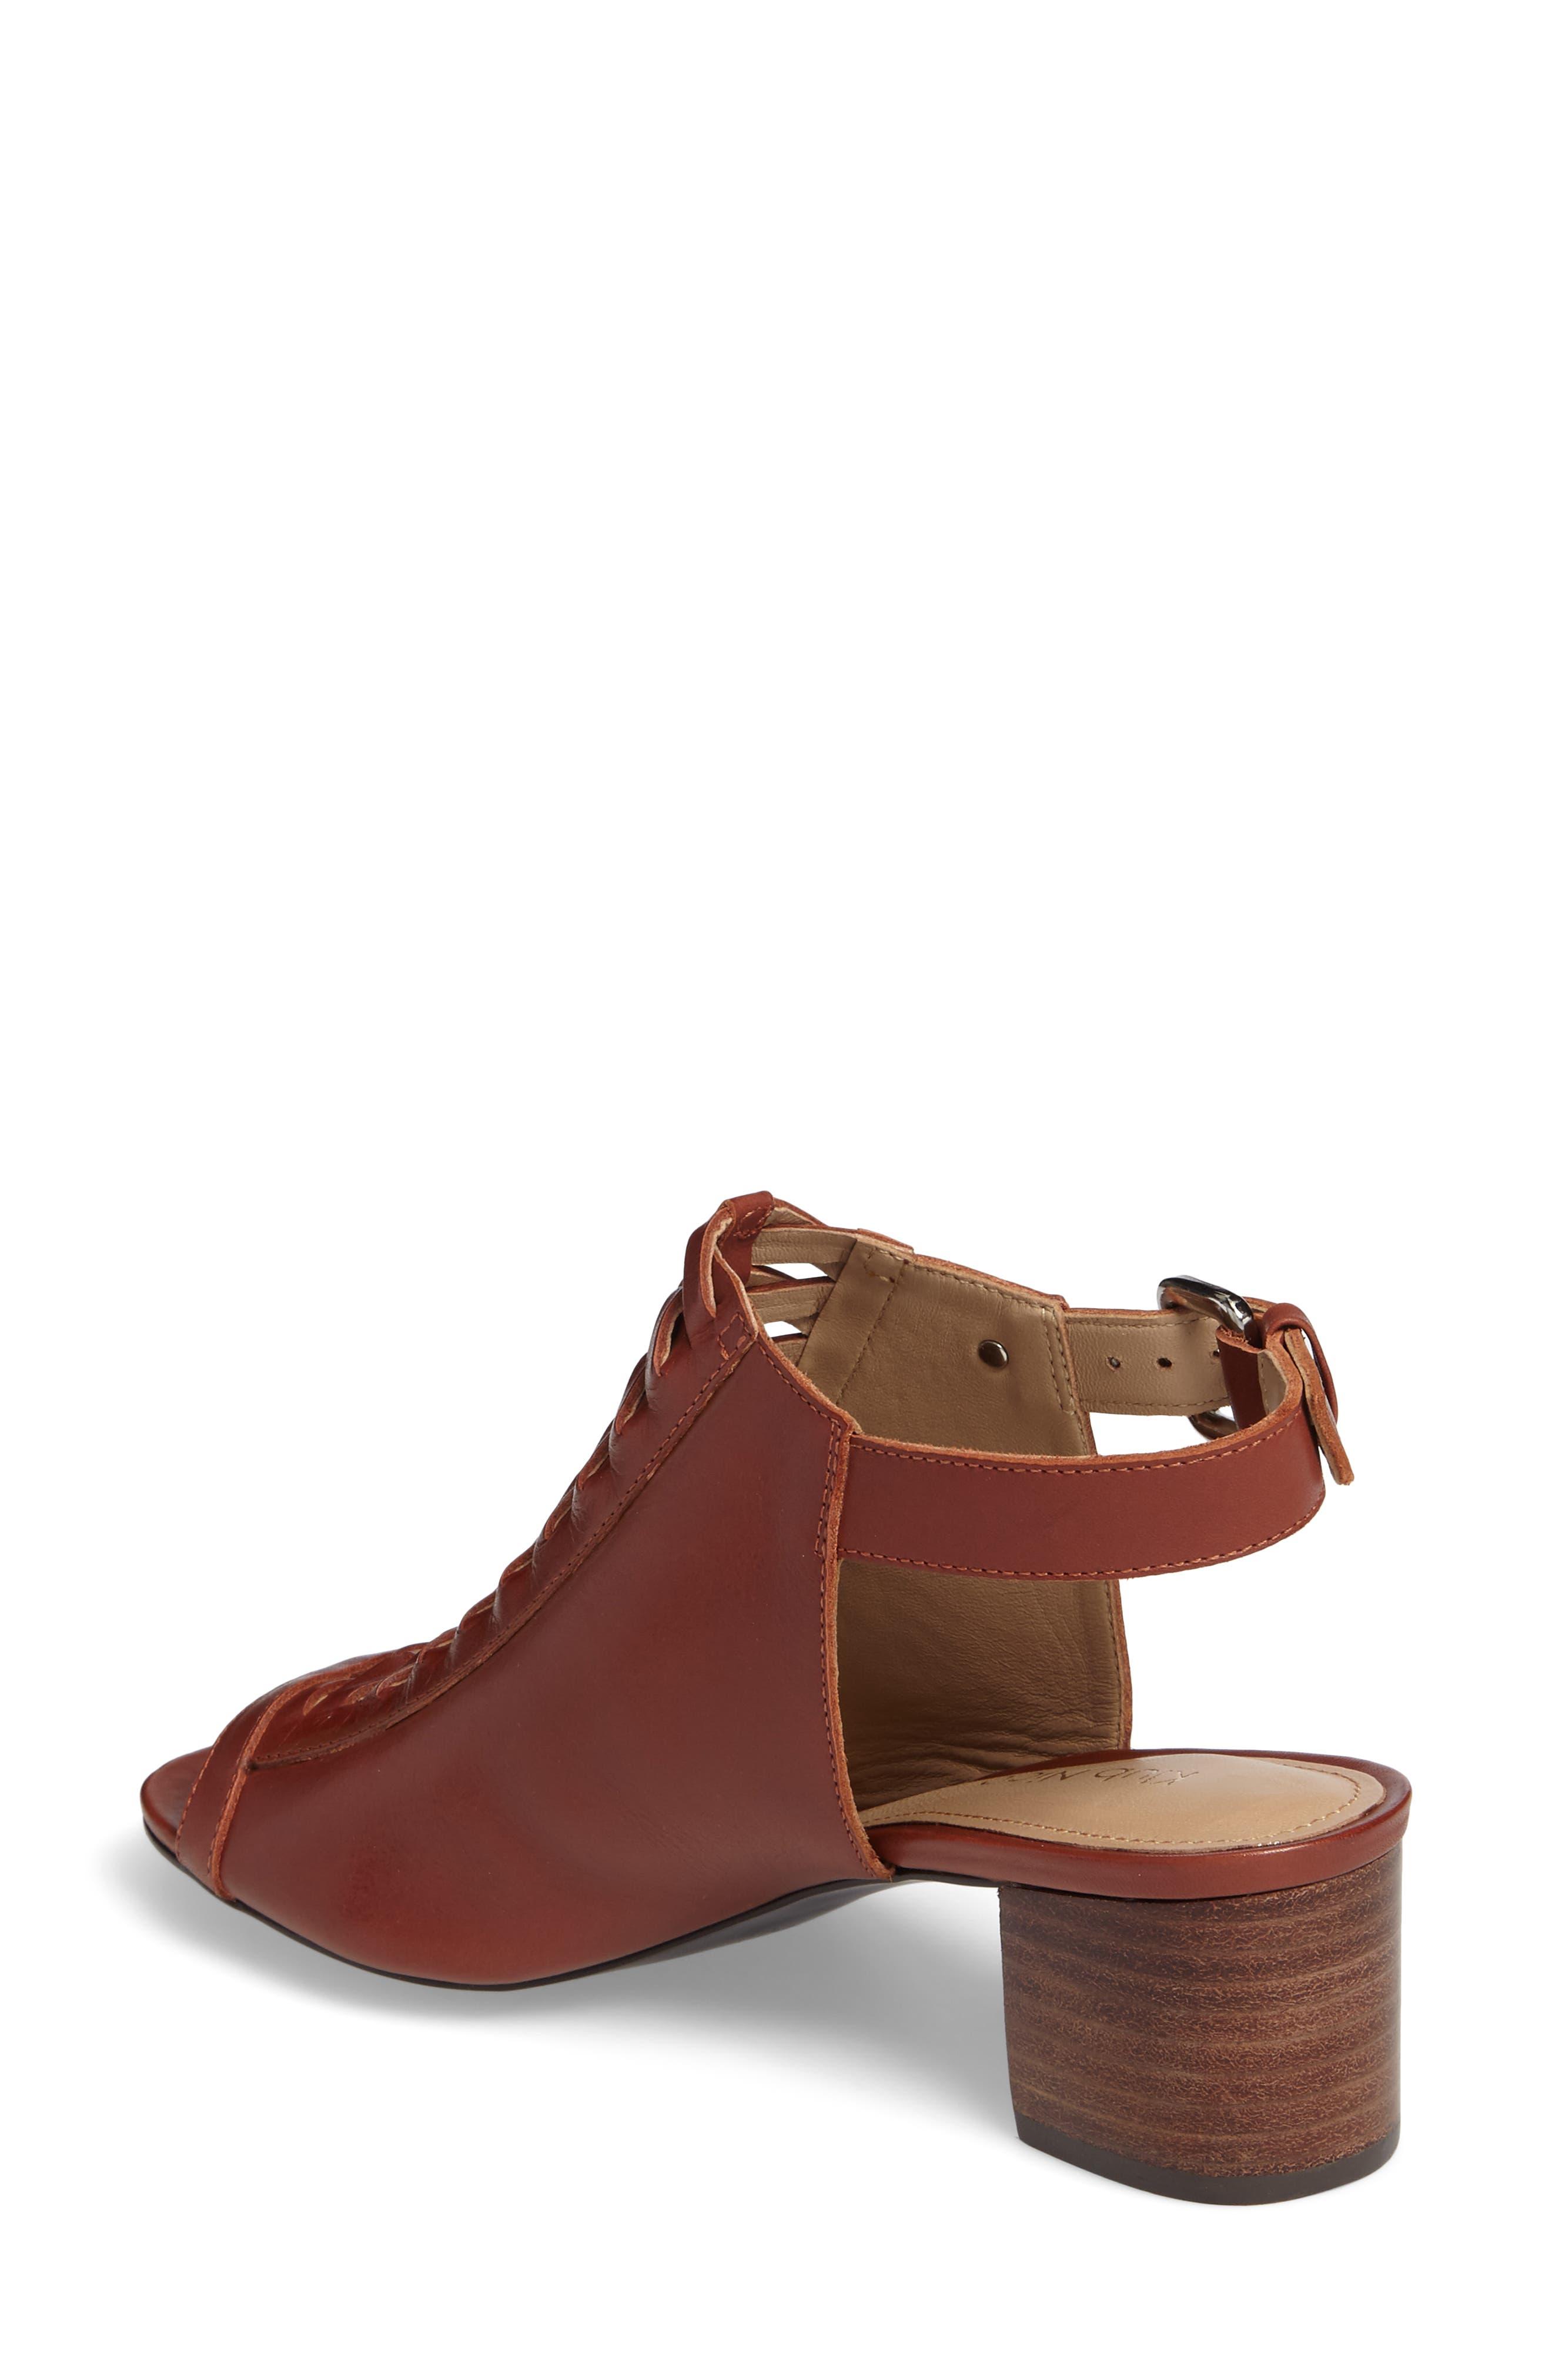 Dallas Woven Sandal,                             Alternate thumbnail 2, color,                             Cognac Leather